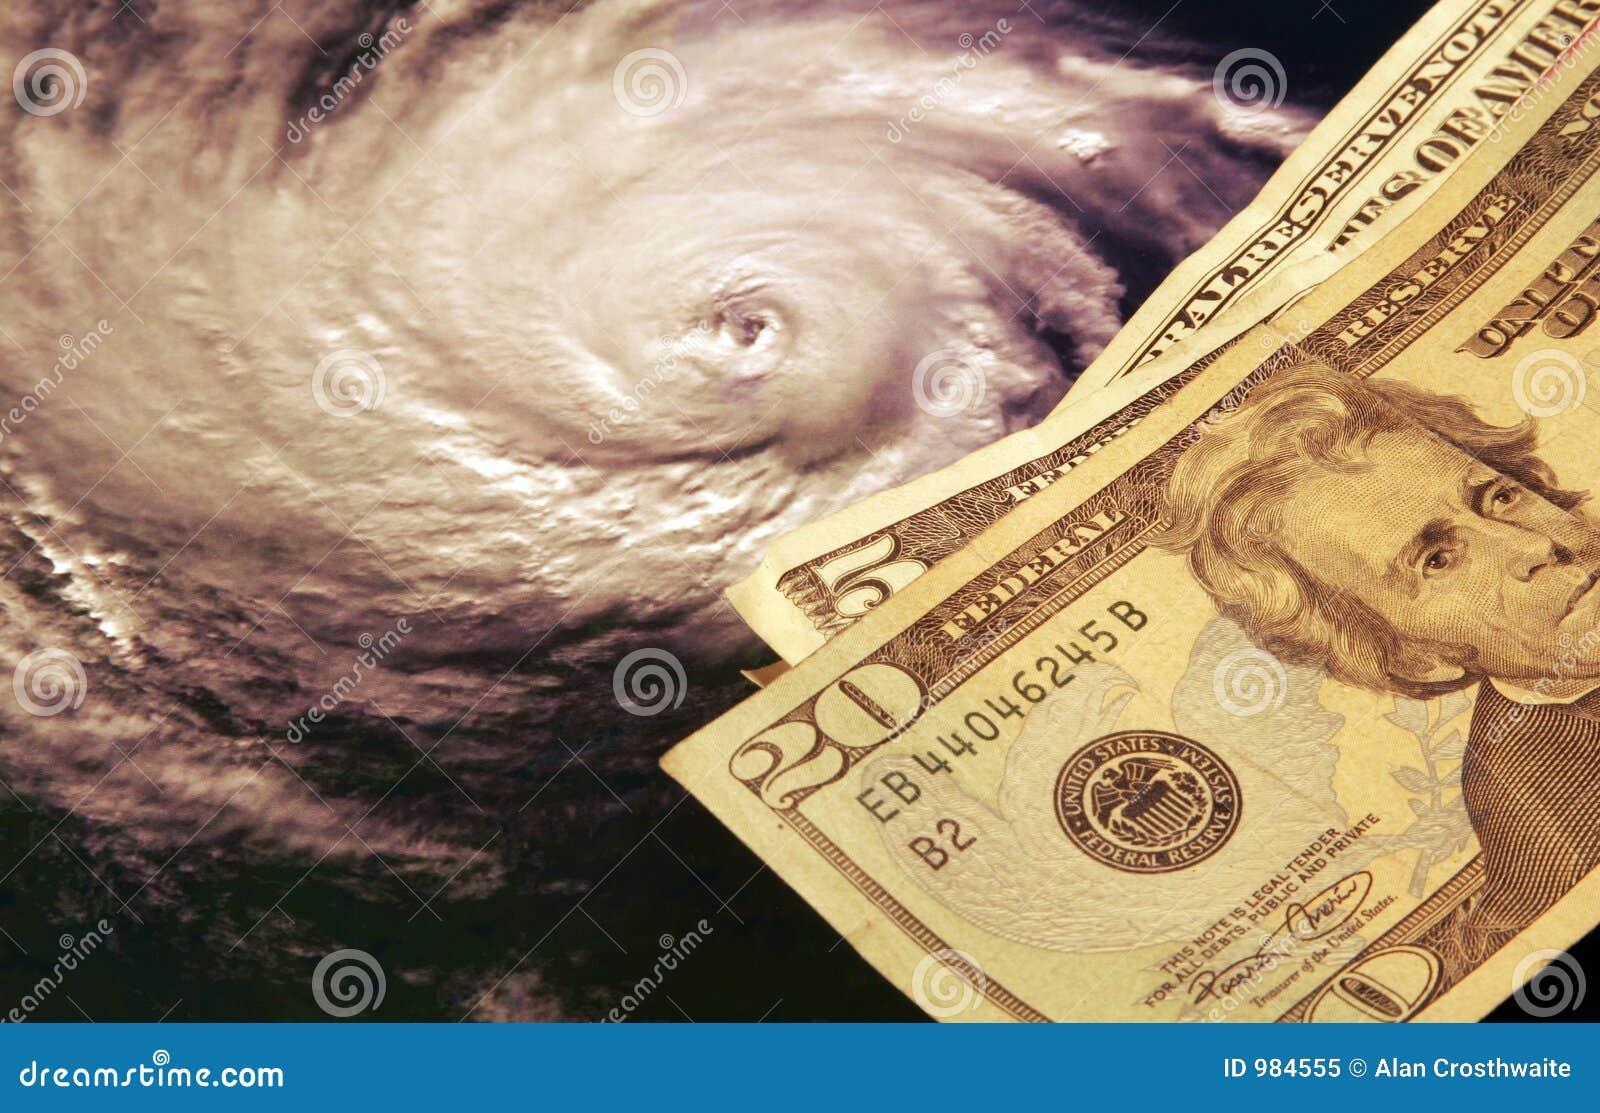 El alto coste de huracanes